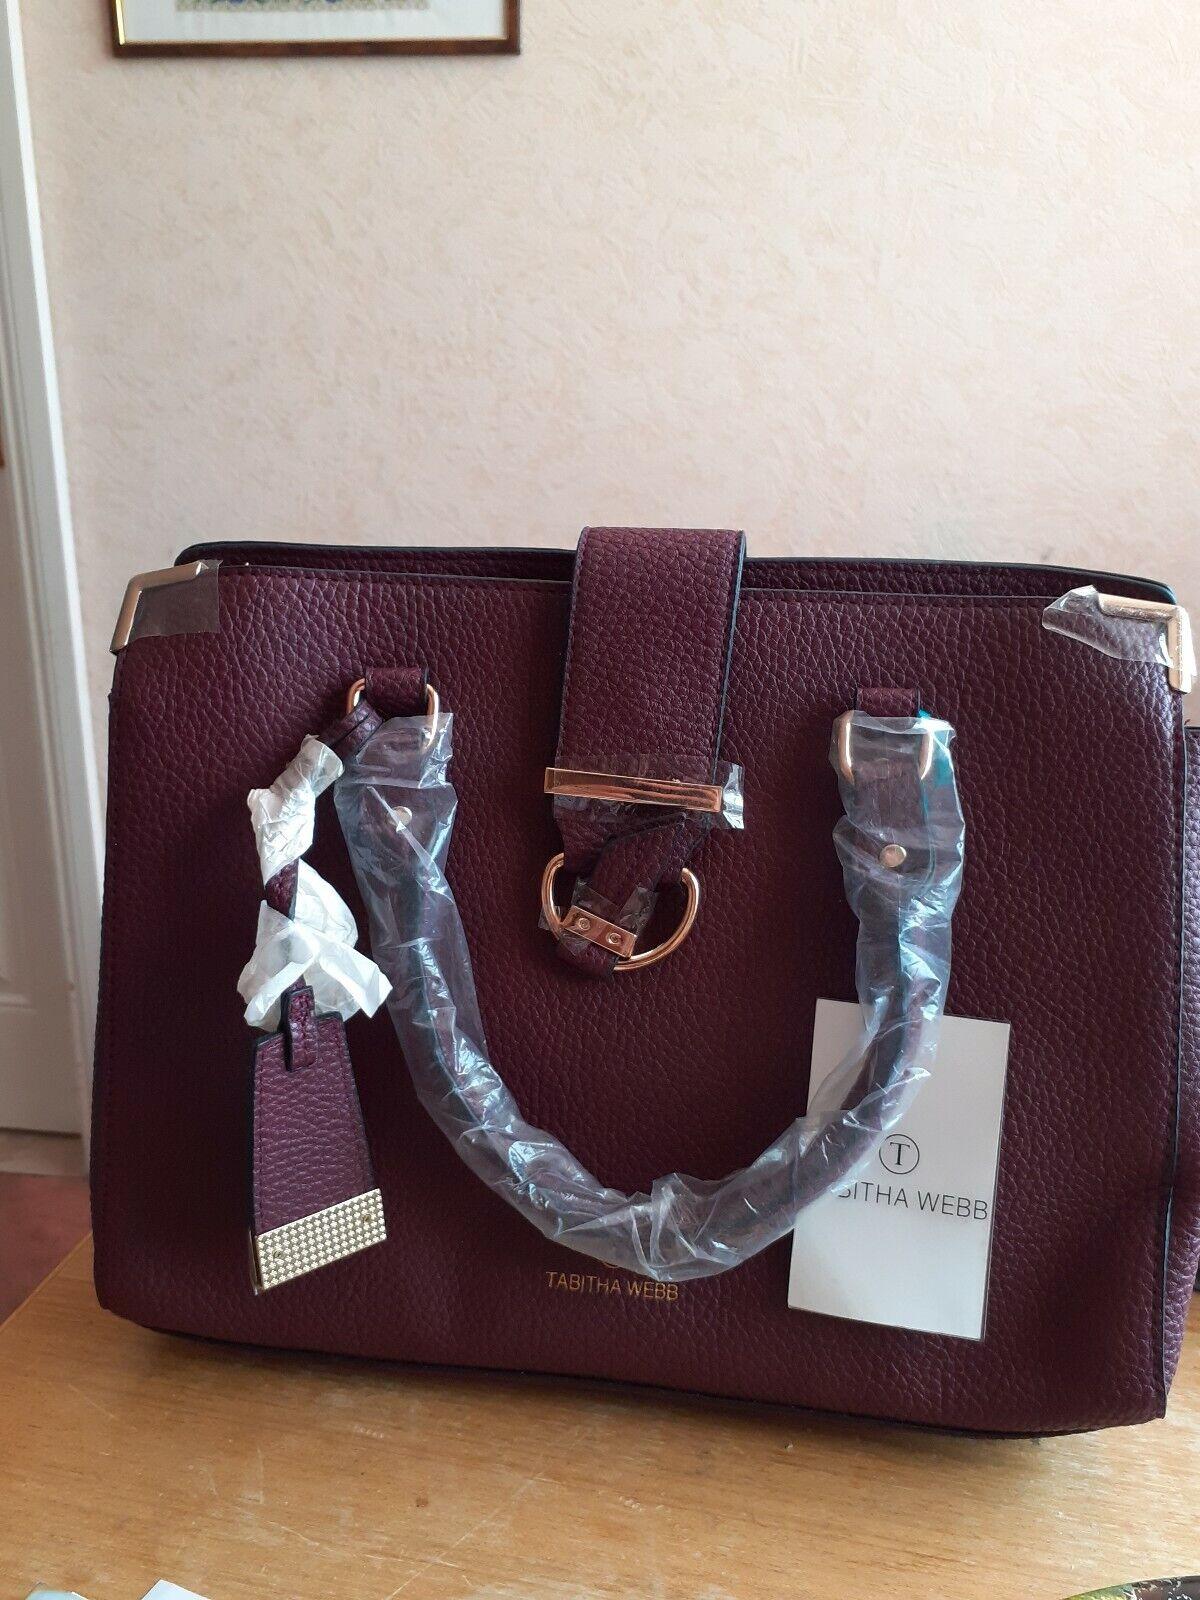 Tabitha webb for Avon Large Burgundy Bag Brand New In Packaging rrp